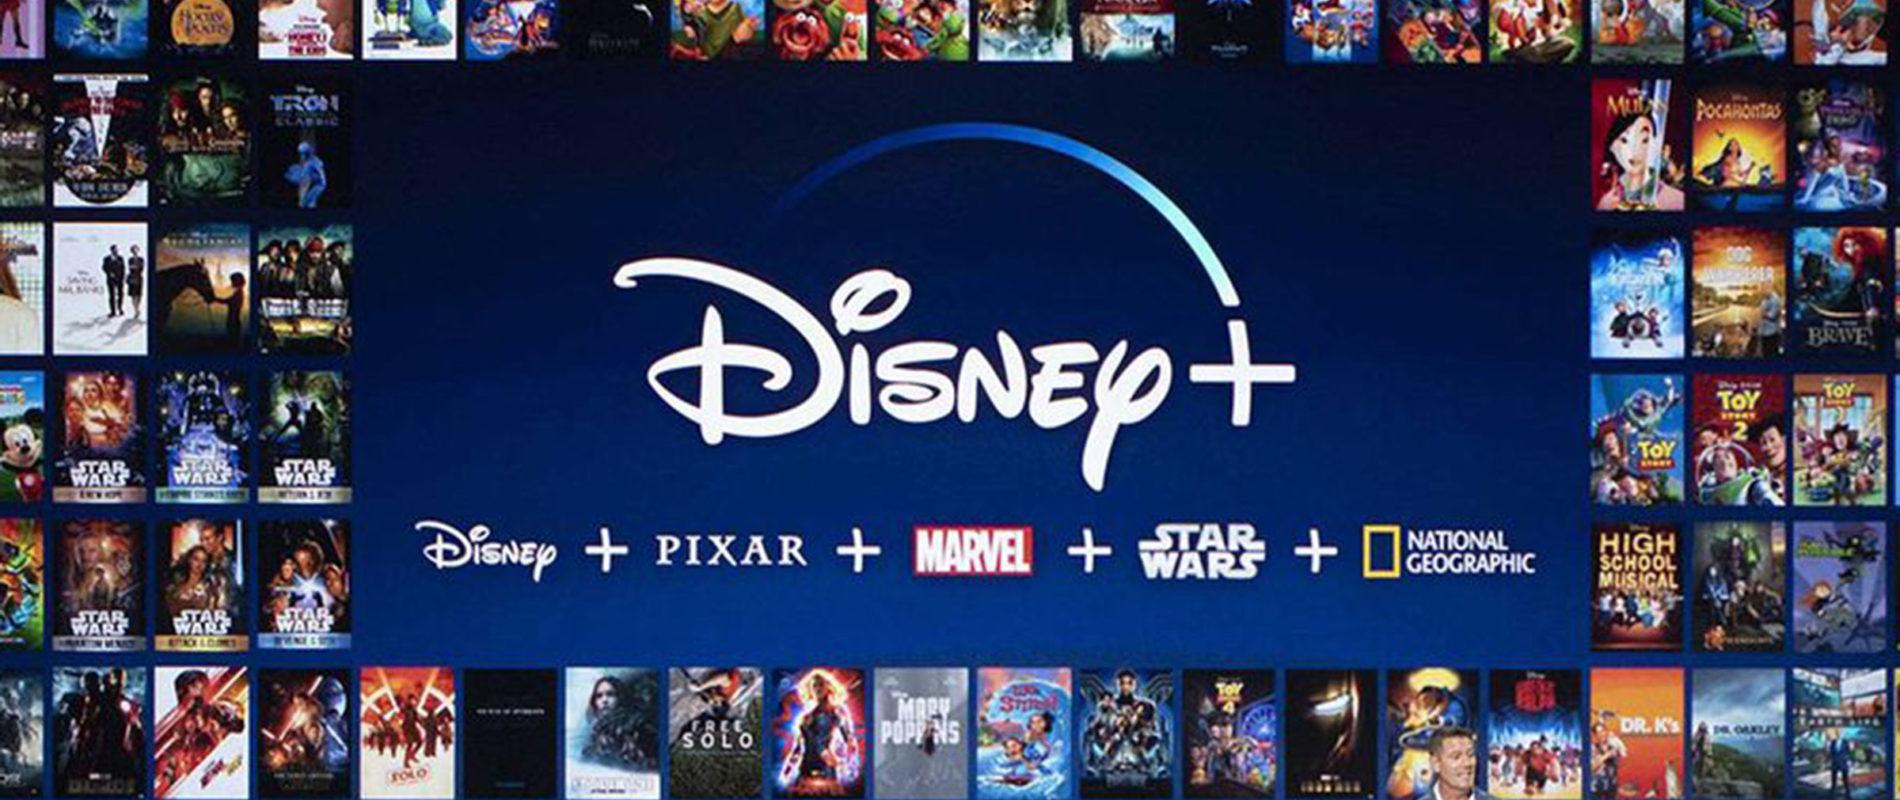 Mira lo que se estrena en Disney+ este fin de semana